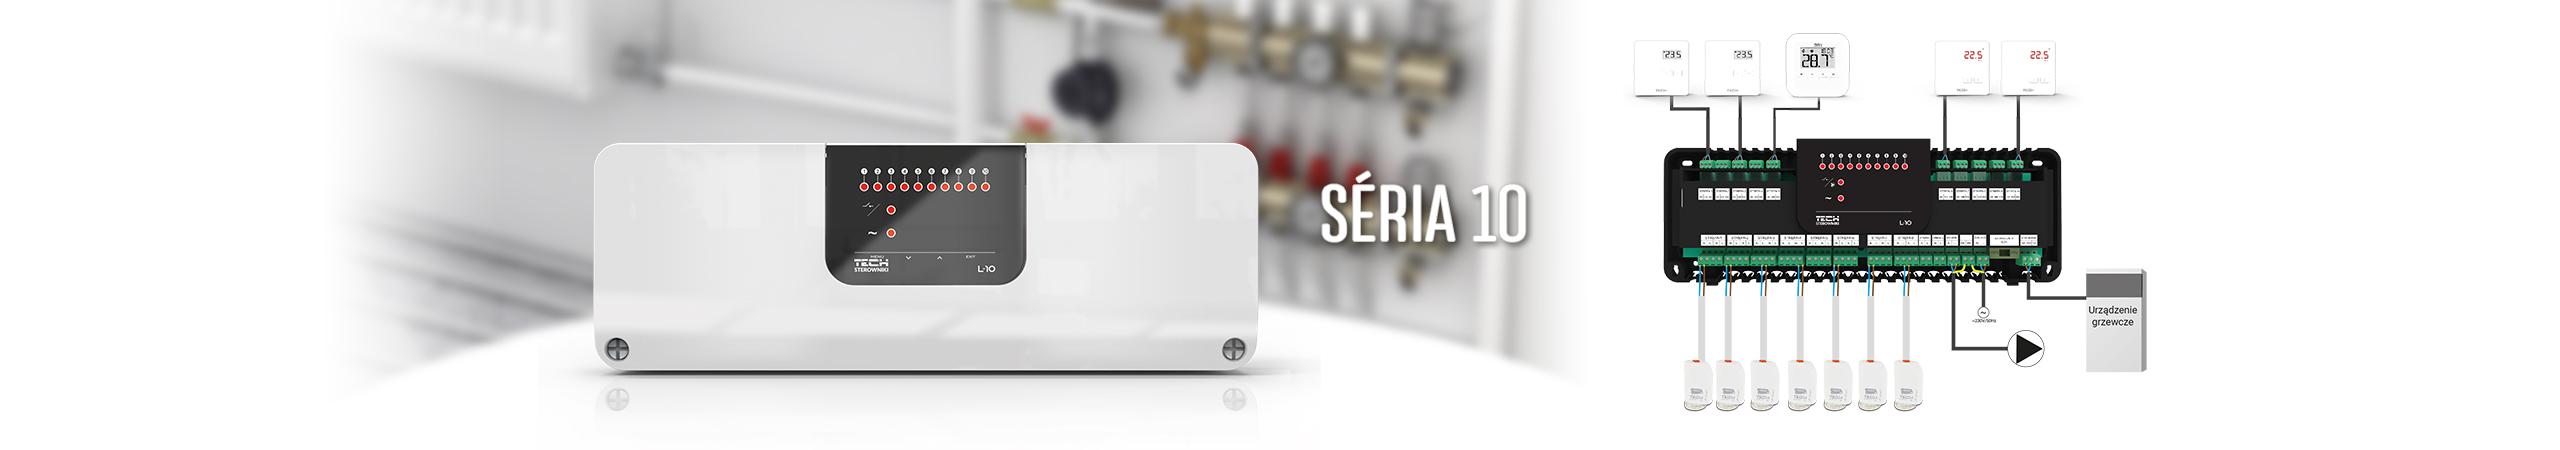 Séria 10 - drôtová zónová regulácia (10 zón) - TECH Sterowniki